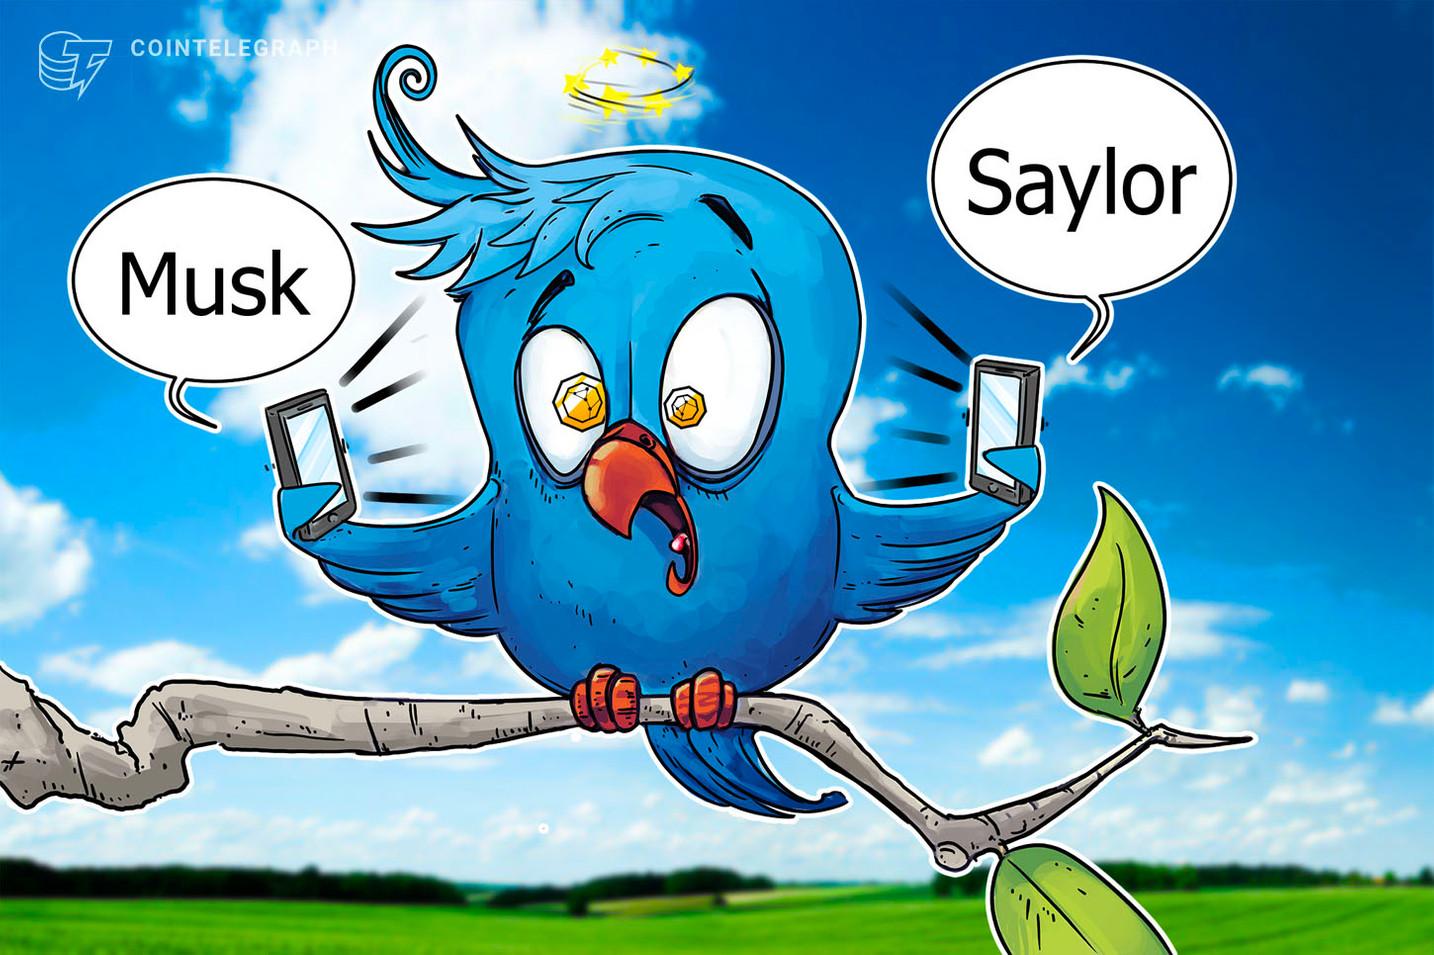 Aquí mostramos cuánto influyeron los tuits de Musk y Saylor en los precios de las criptomonedas en el segundo trimestre